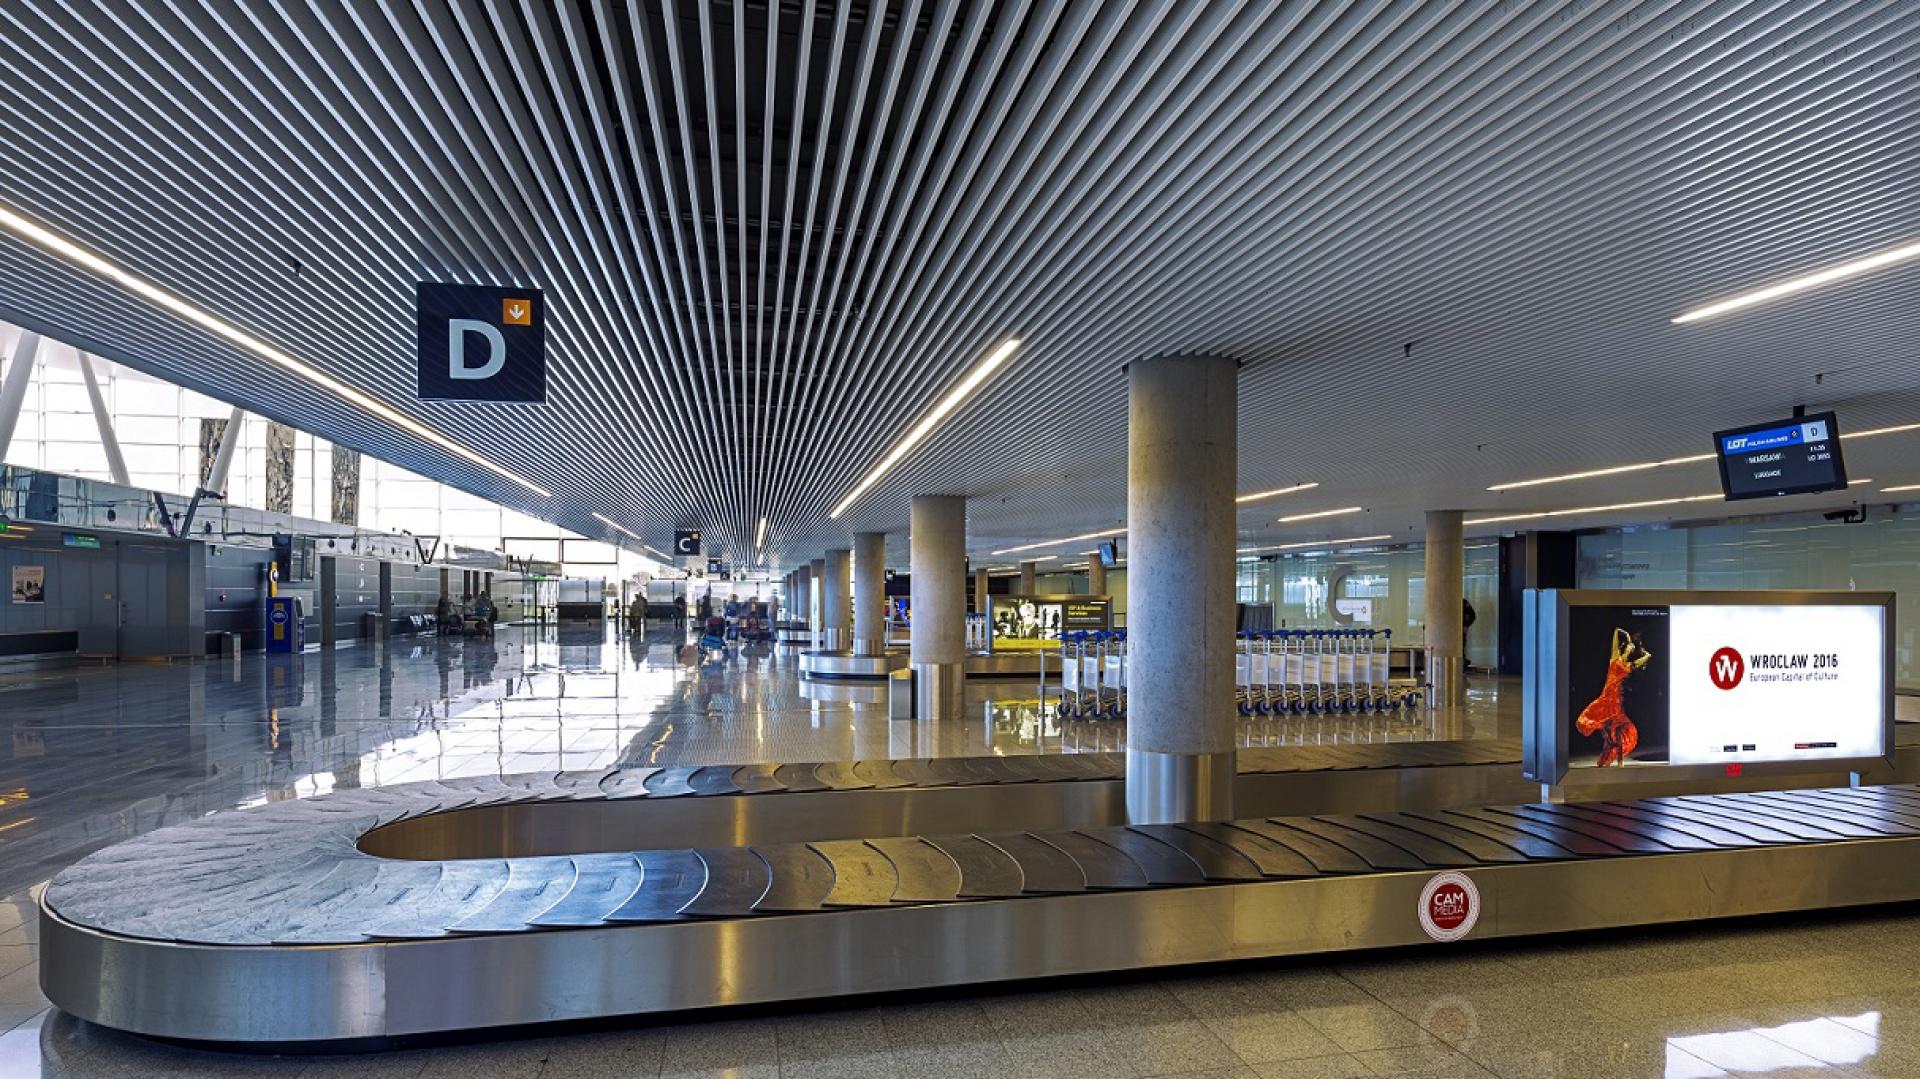 Wrocławski port lotniczy to przykład jak skutecznie wyciszyć hałas w dużych obiektach transportu publicznego  Fot. Armstrong